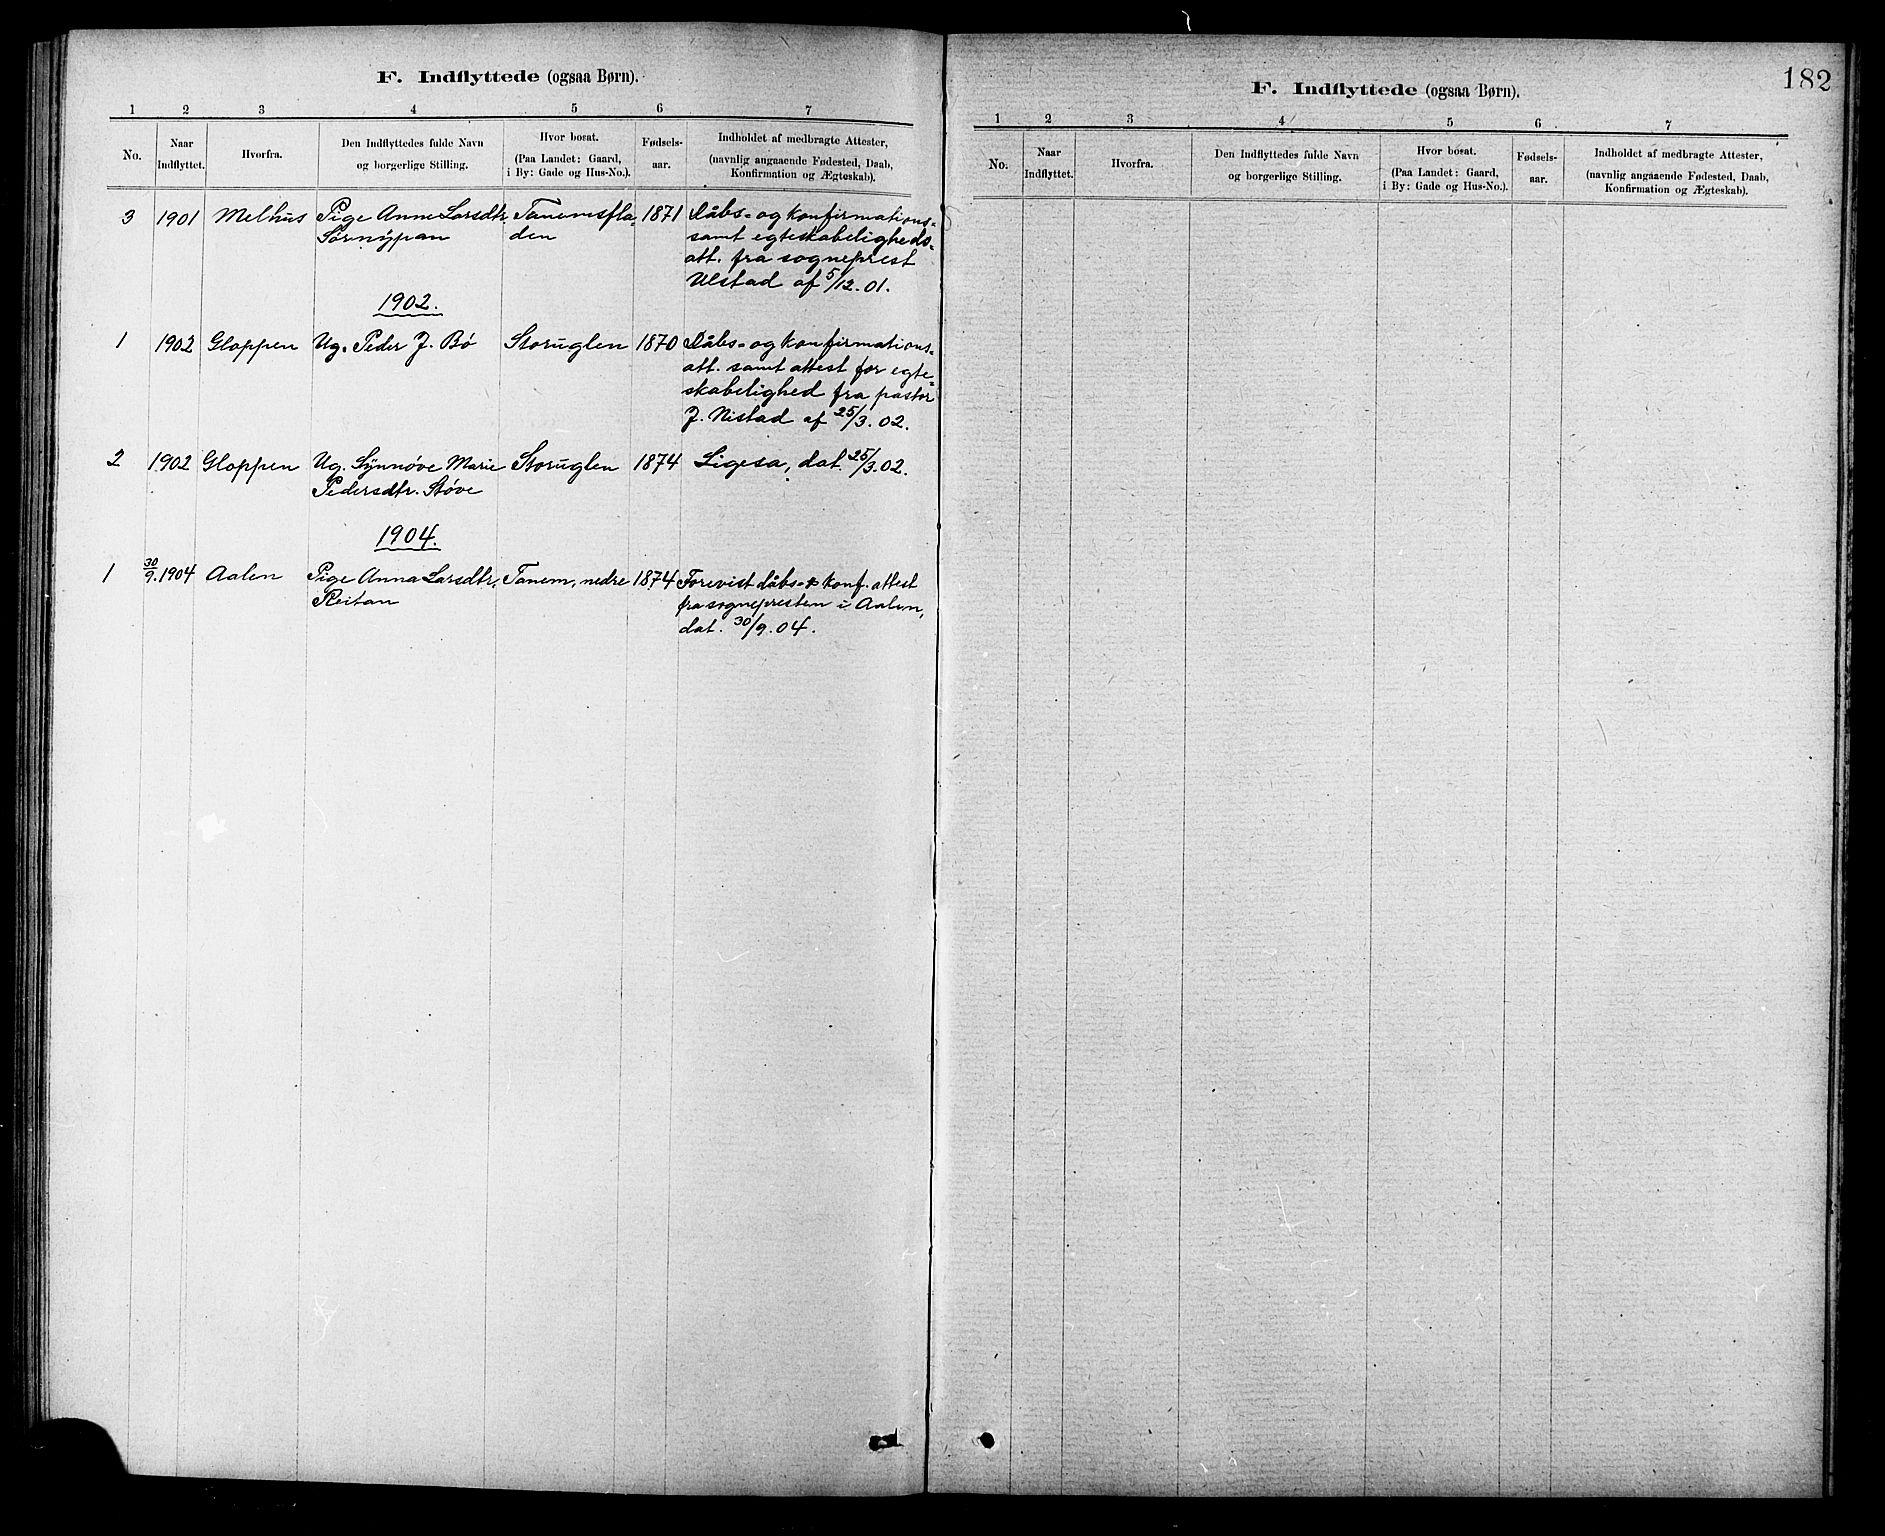 SAT, Ministerialprotokoller, klokkerbøker og fødselsregistre - Sør-Trøndelag, 618/L0452: Klokkerbok nr. 618C03, 1884-1906, s. 182